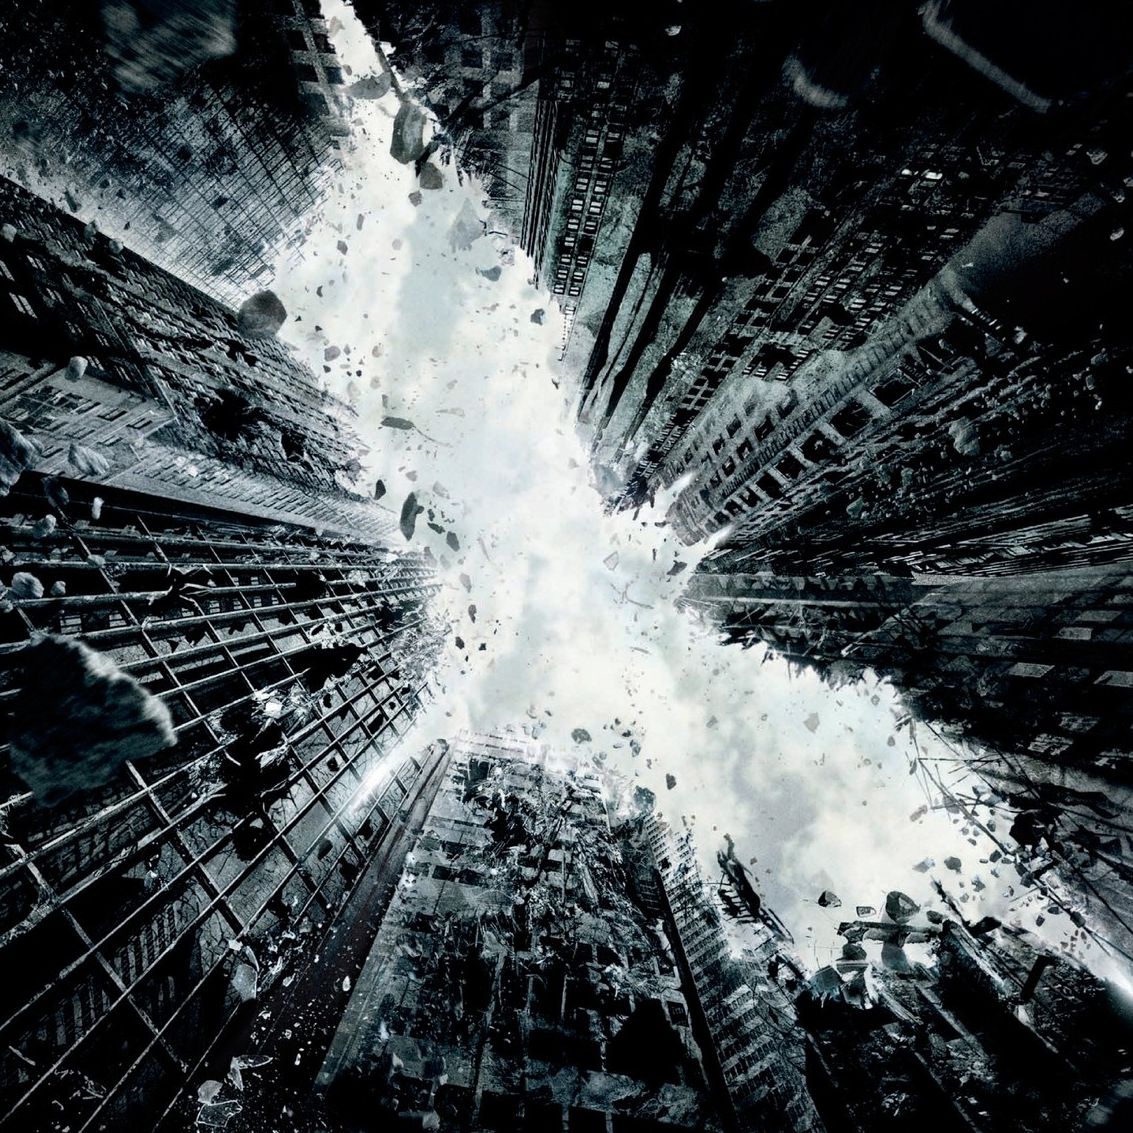 Batman the dark knight rises soundtrack cover by fastermax on batman the dark knight rises soundtrack cover by fastermax voltagebd Images